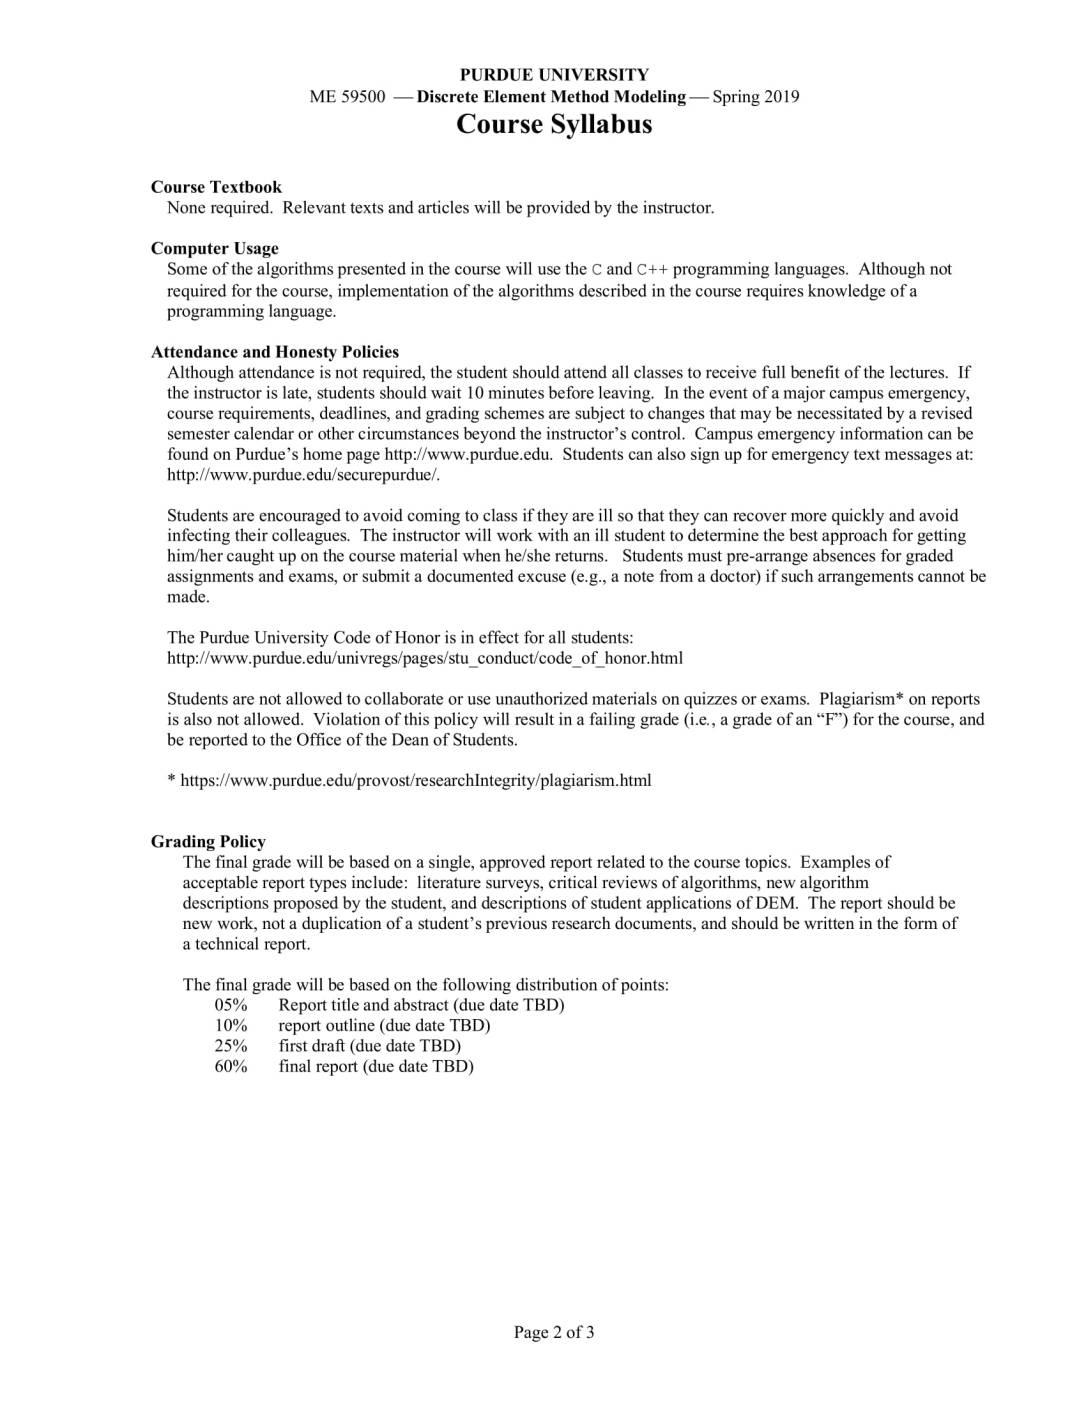 DiscreteElementMethodModeling-2